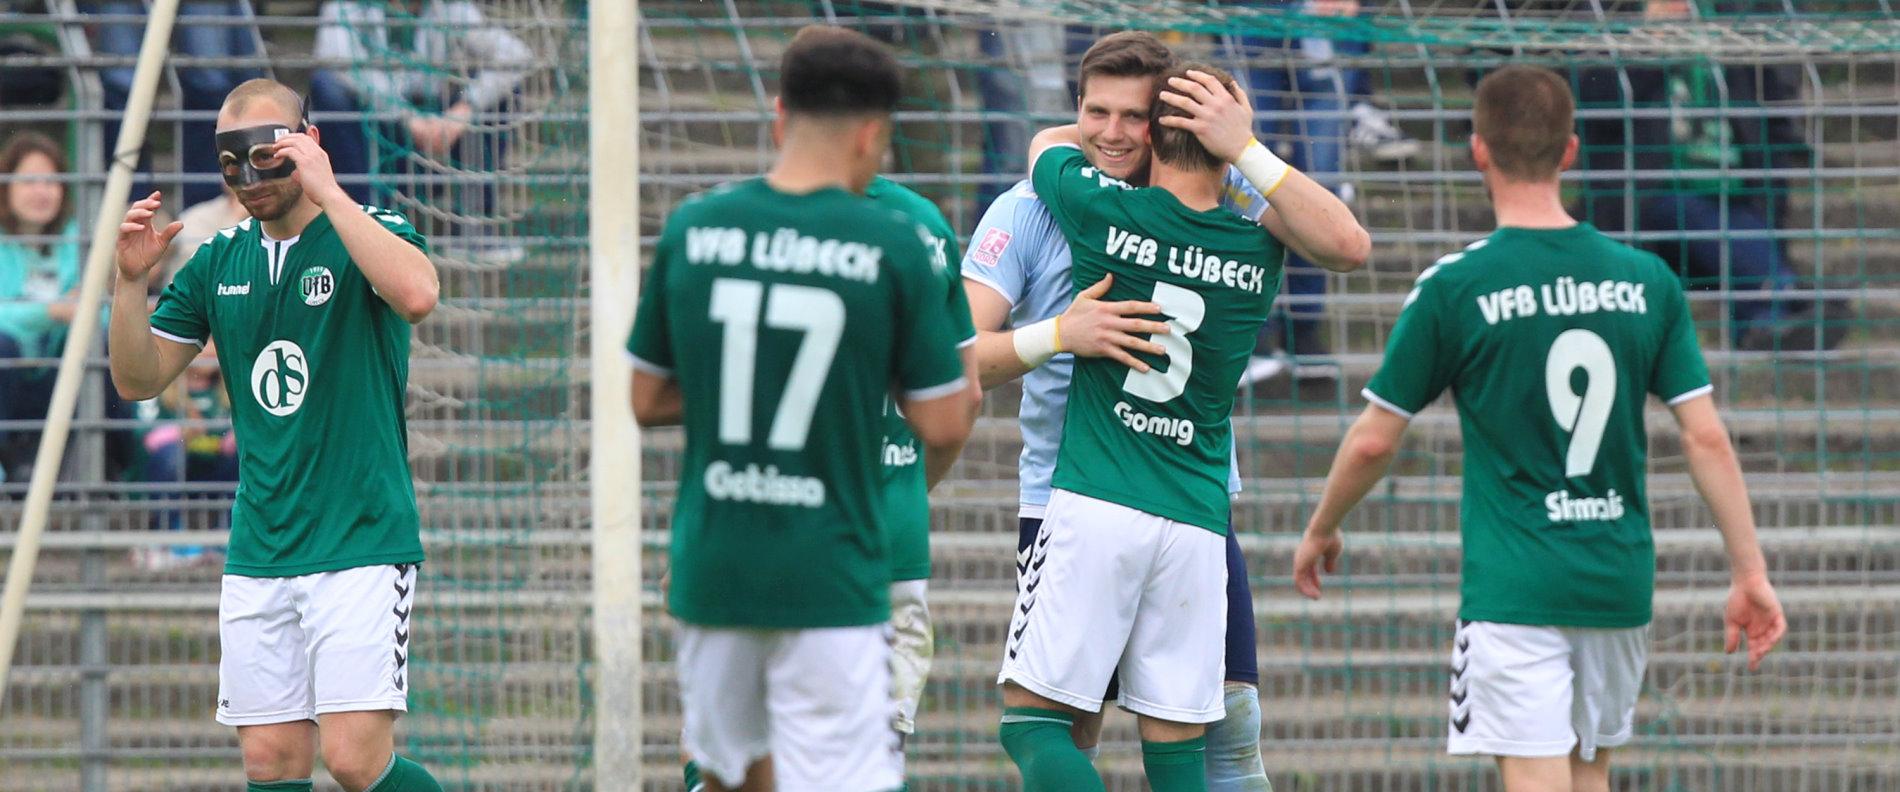 Jonas Toboll (VfB Lübeck) wird bei seiner Auswechslung von seinen Mitspielern umarmt